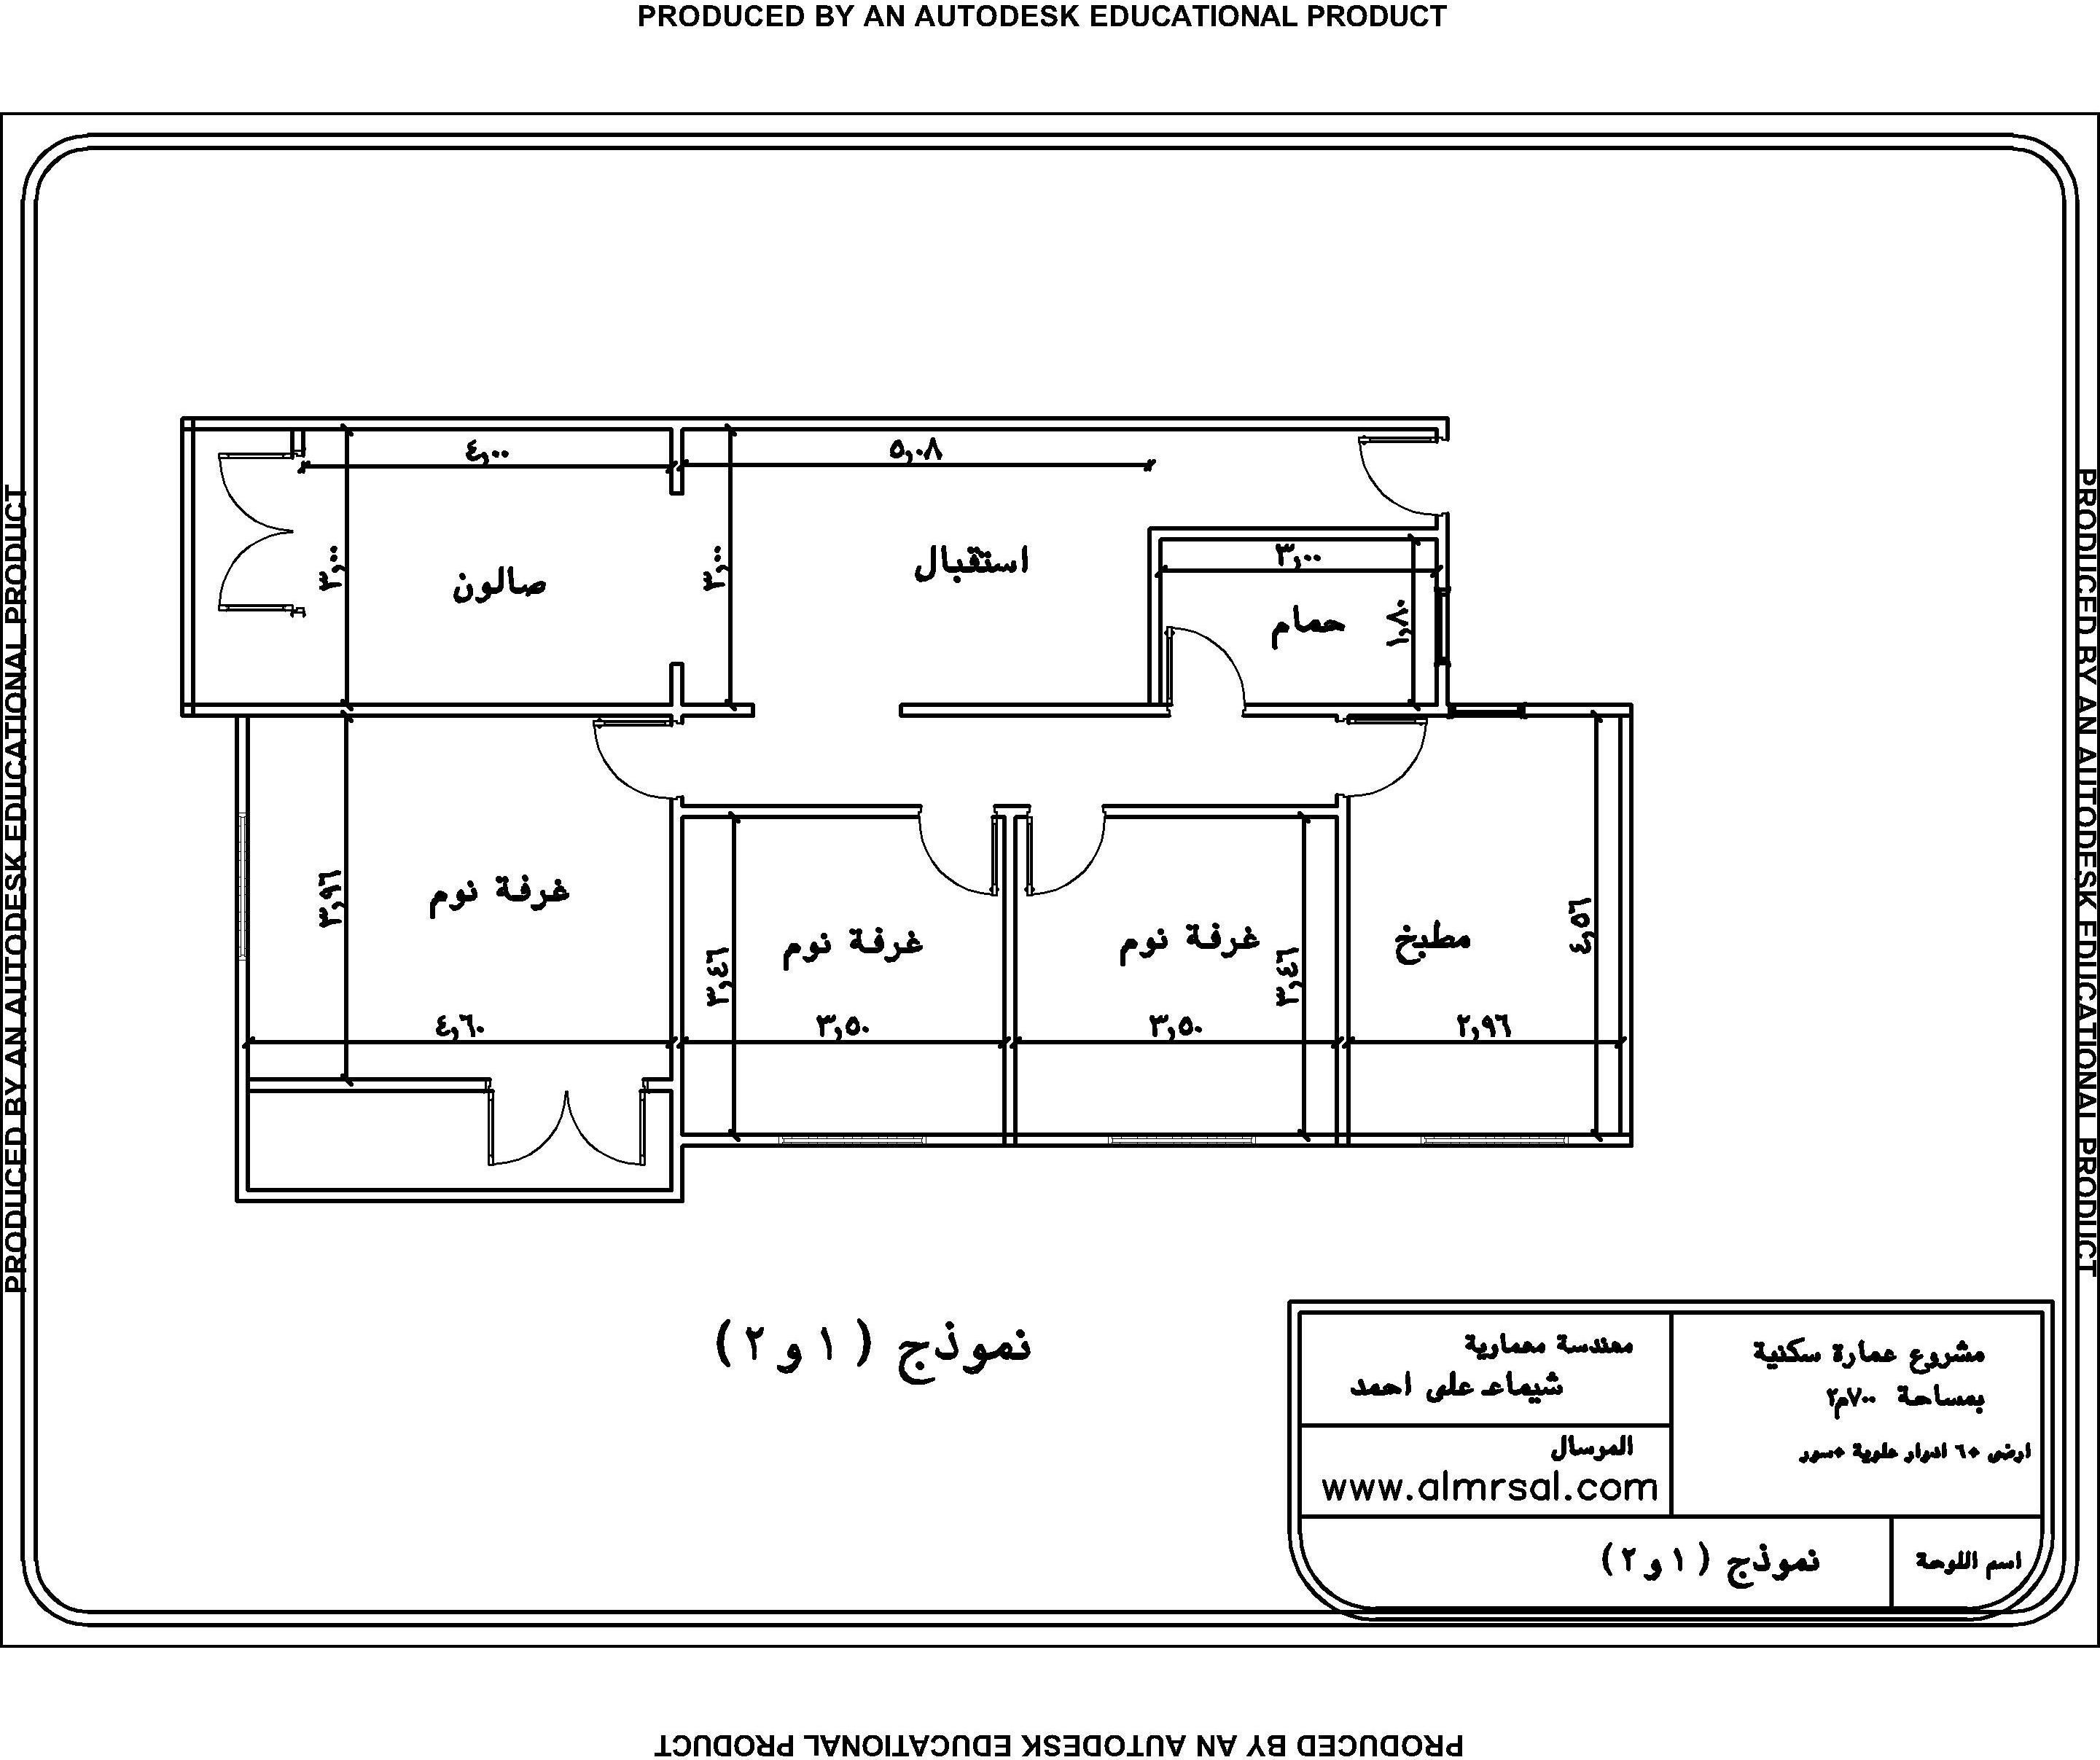 نموذج الشقق 1 و 2 لعمارة سكنية